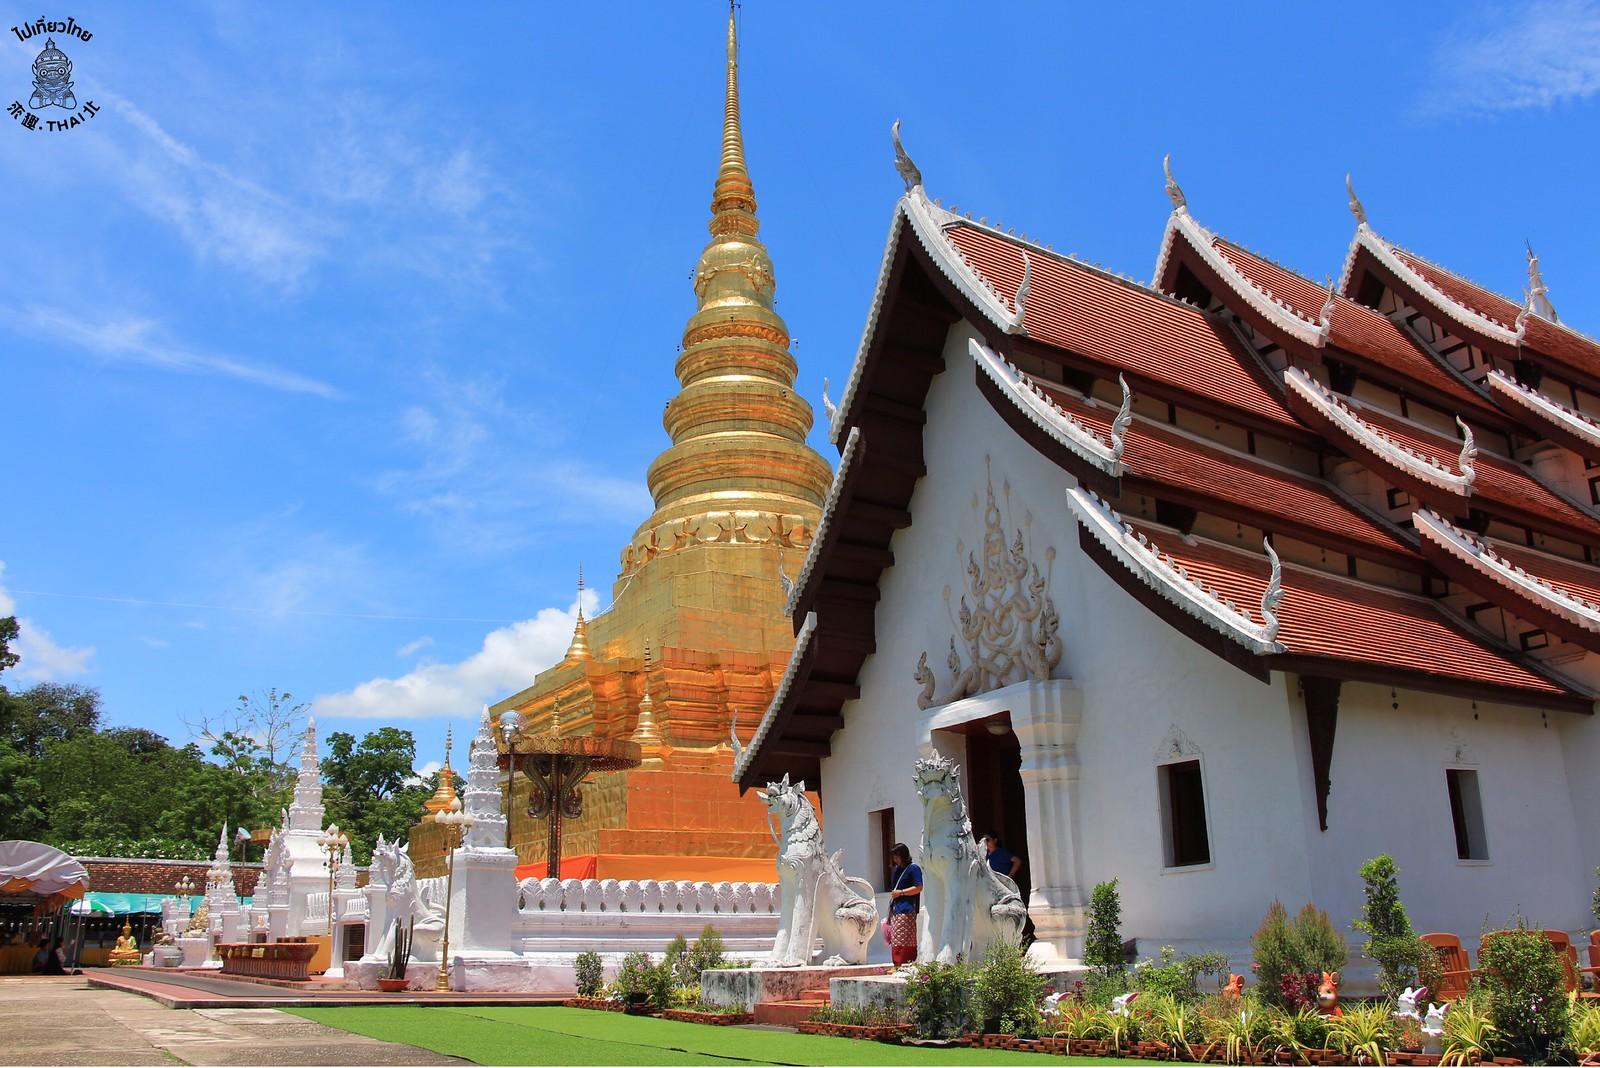 兔年生肖佛塔-Wat Phra That Chae Haeng(วัดพระธาตุแช่แห้ง)